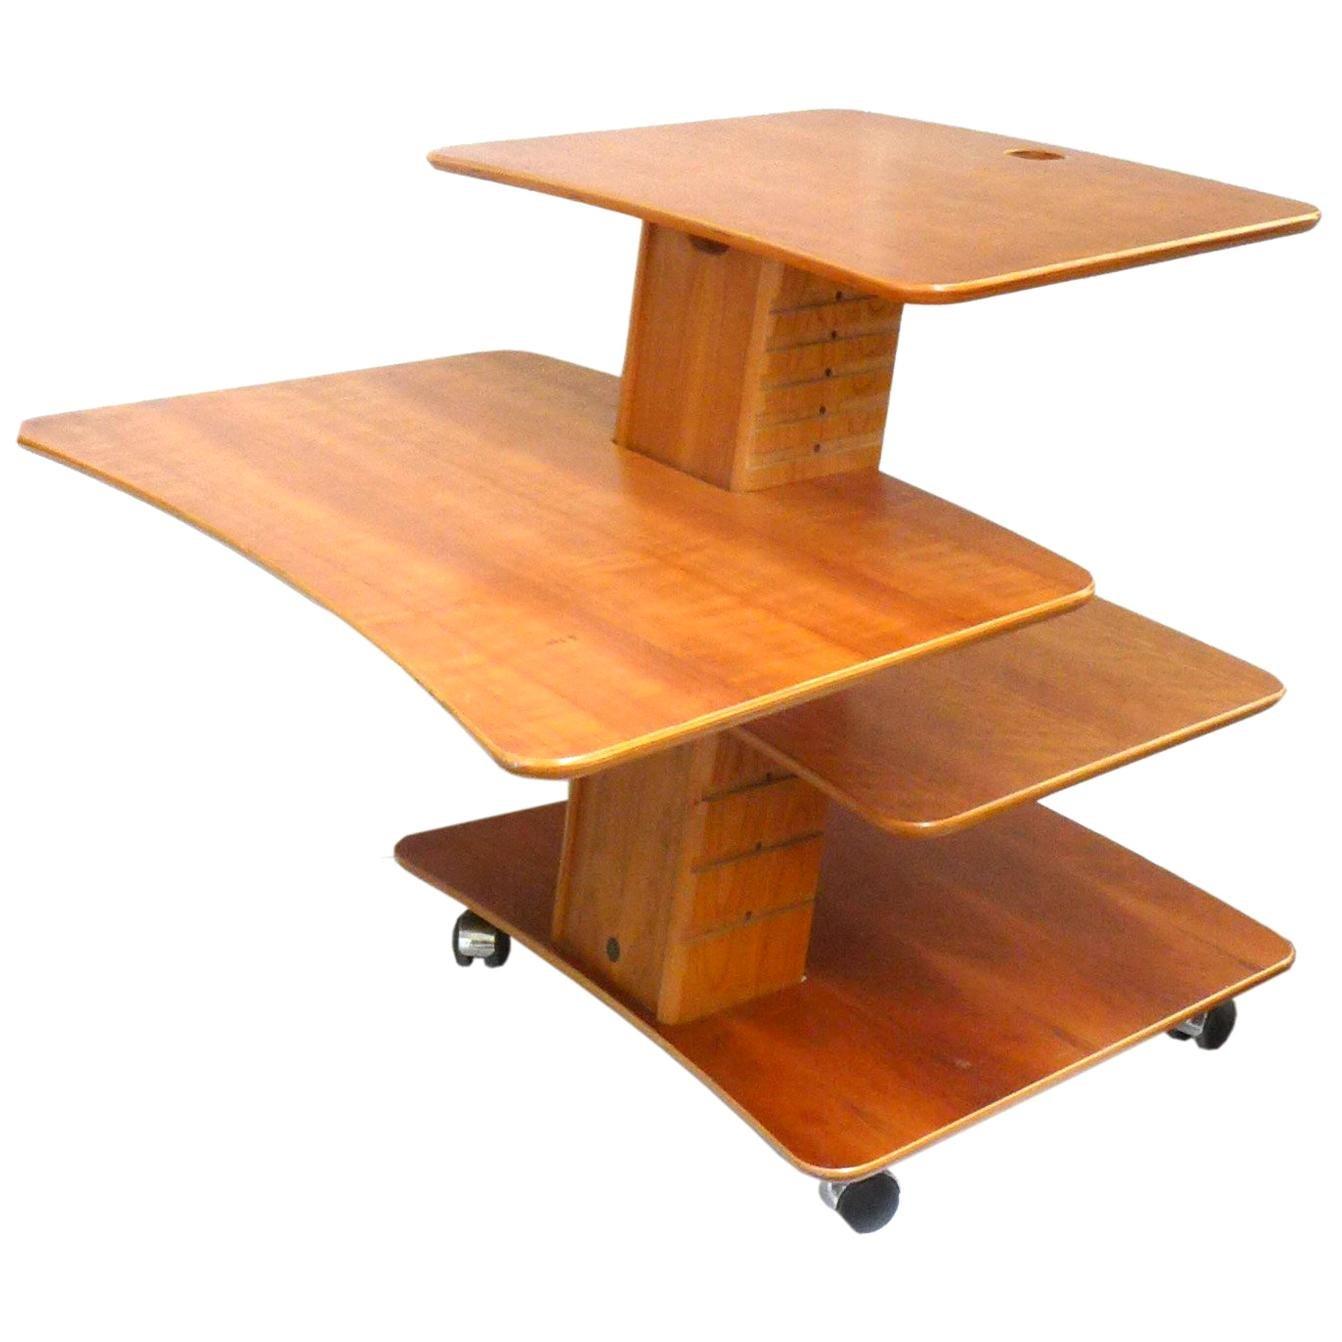 Aksel Kjersgaard Desks and Writing Tables